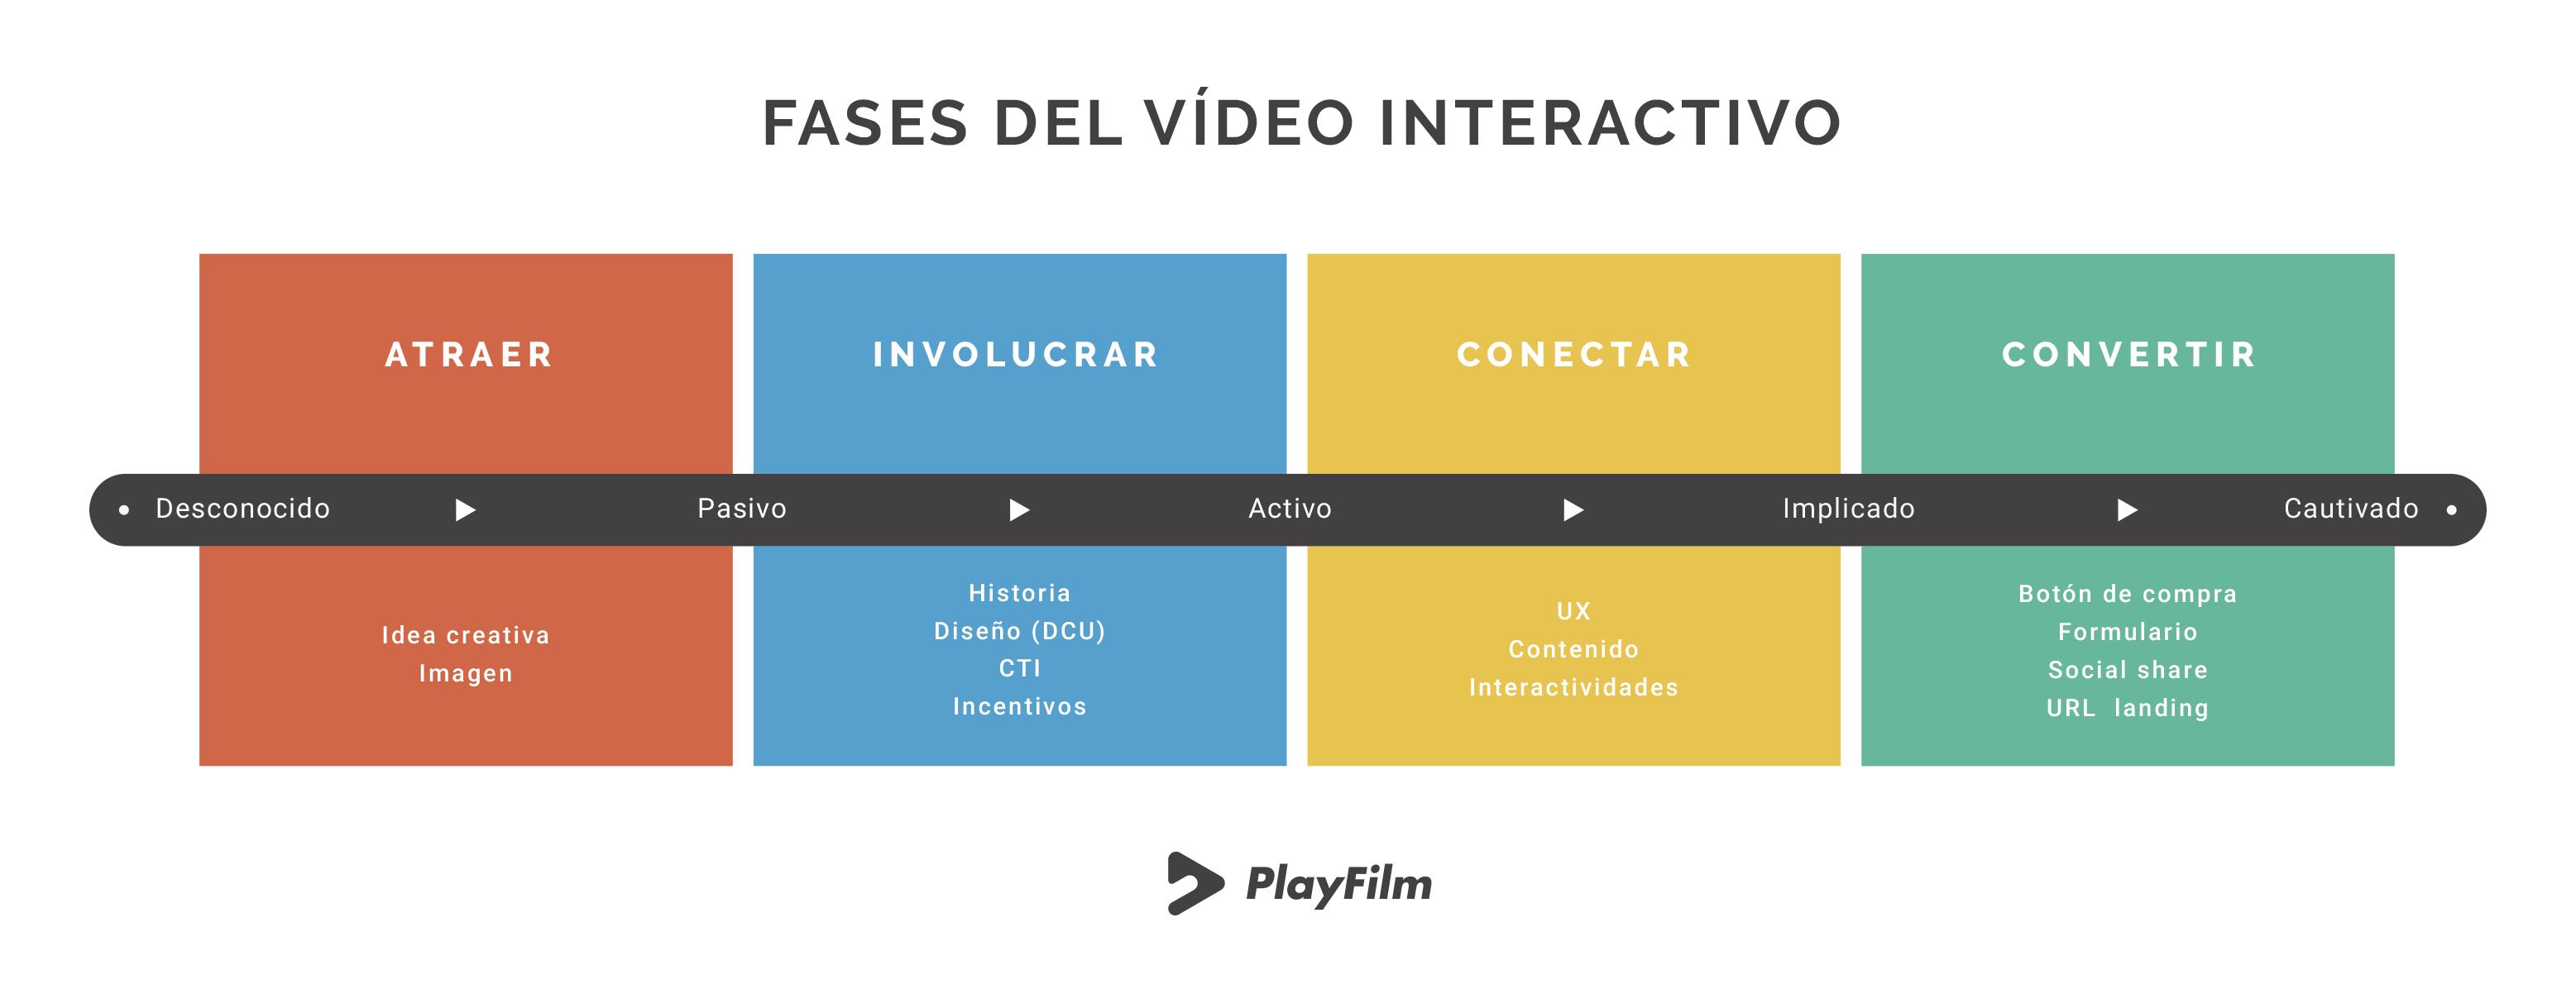 vídeos interactivos para mejorar engagement